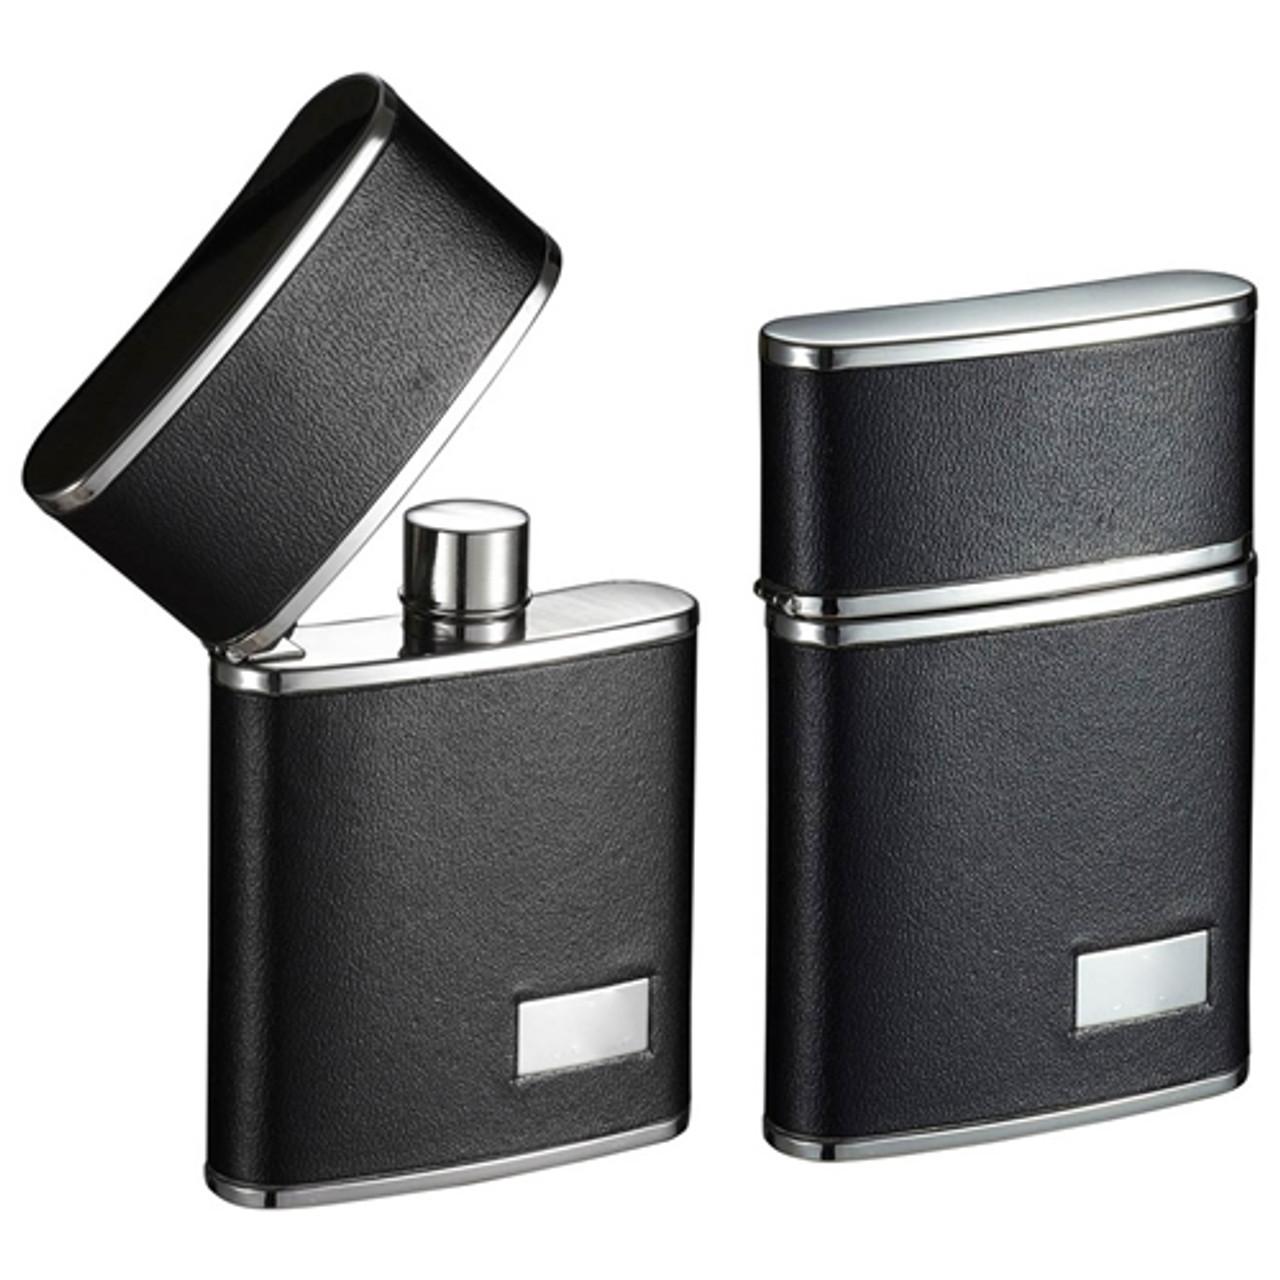 Visol Flip Top Black Leather Stainless Steel 2 5 Oz Hip Flask Vf2065 Visol